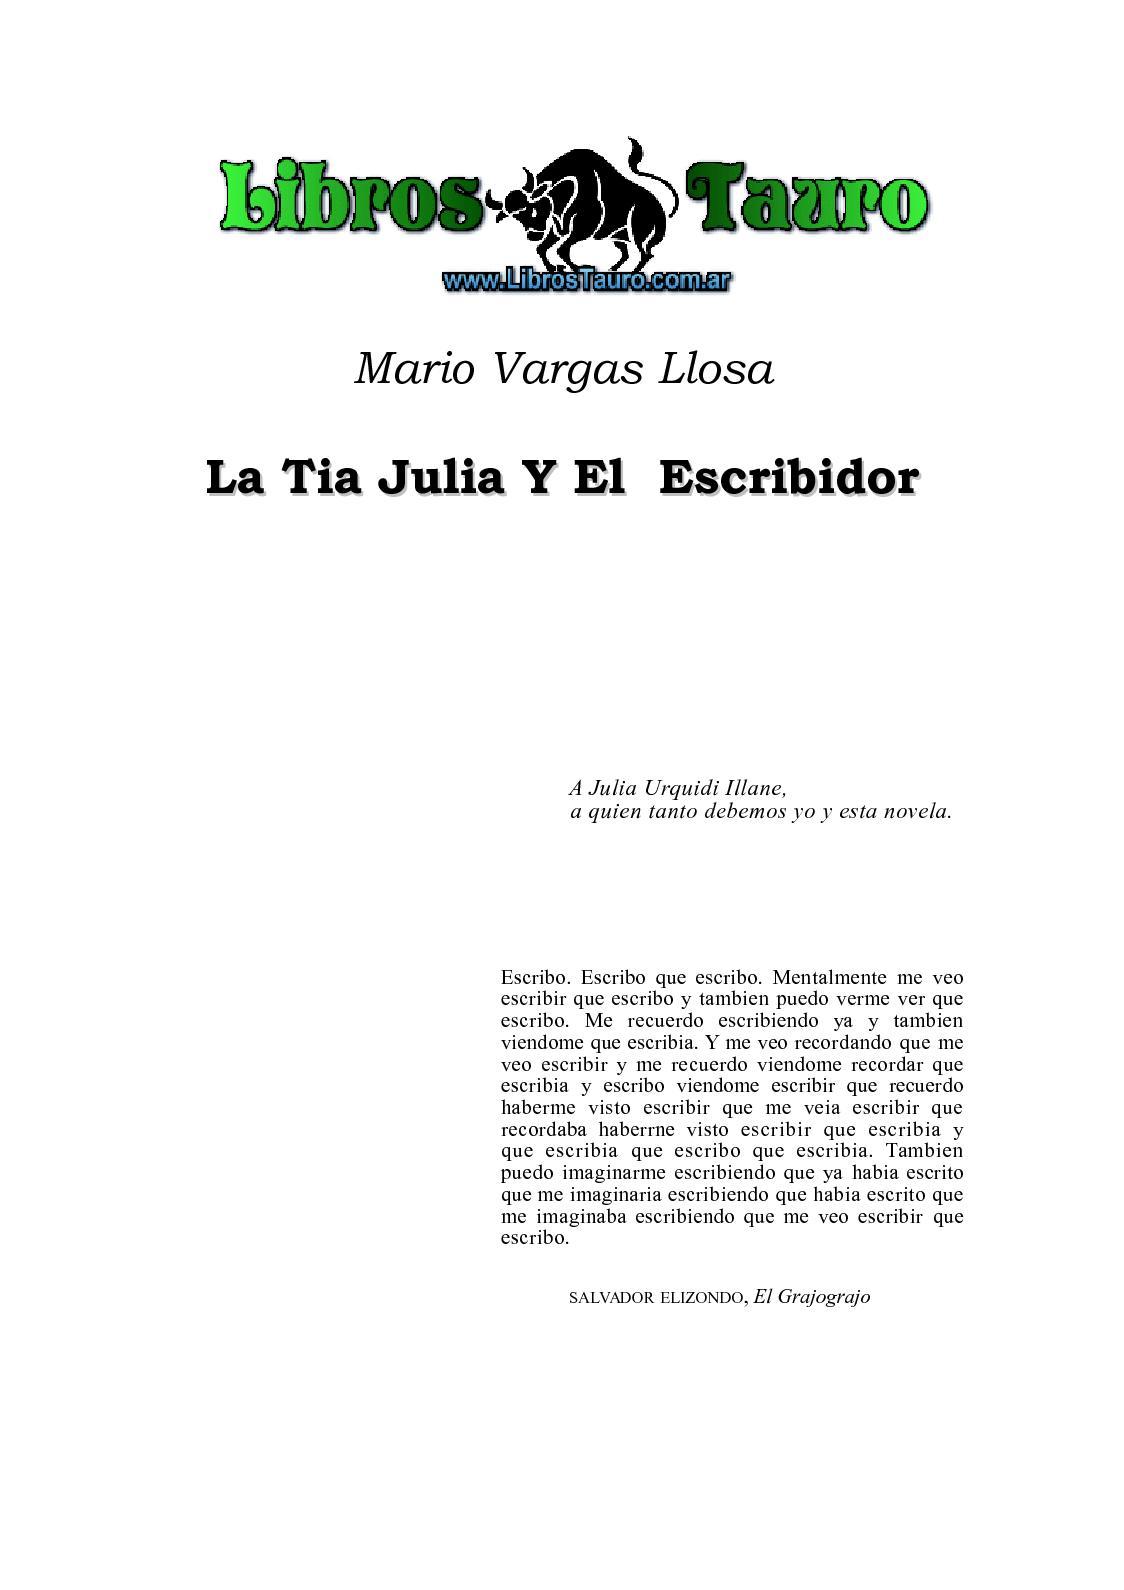 Calaméo - Vargas Llosa, Mario - La Tia Julia Y El Escribidor